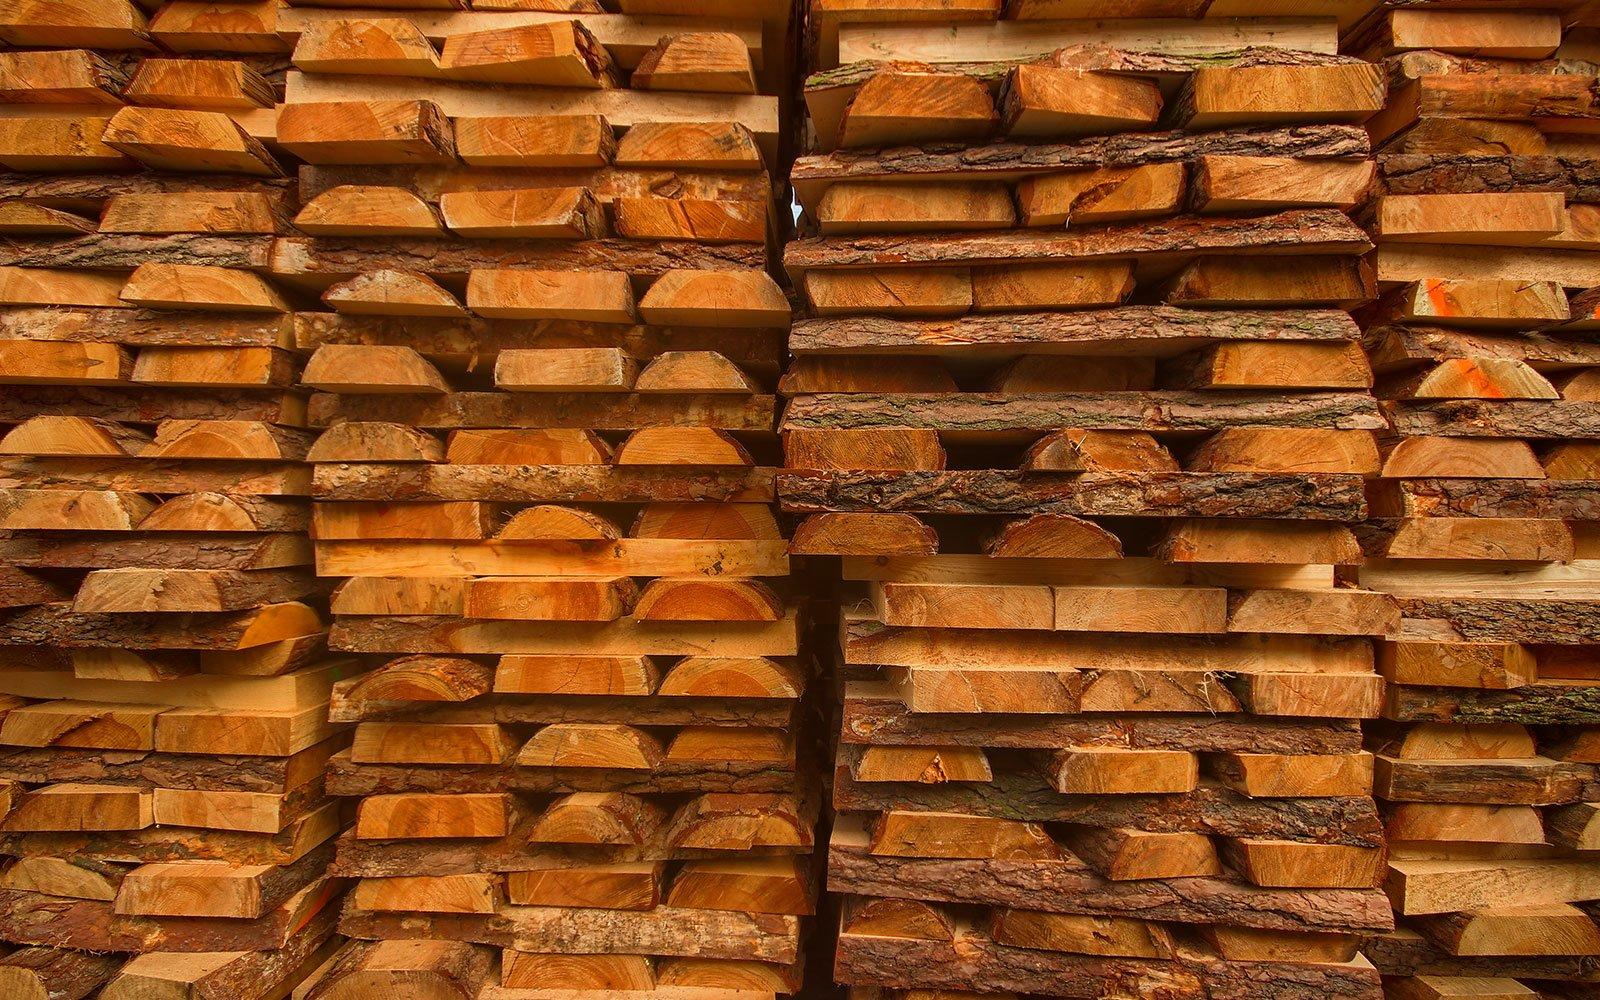 Drewno do produkcji palet przemysłowych jest zawsze odpowiednio dobierane i przygotowywane